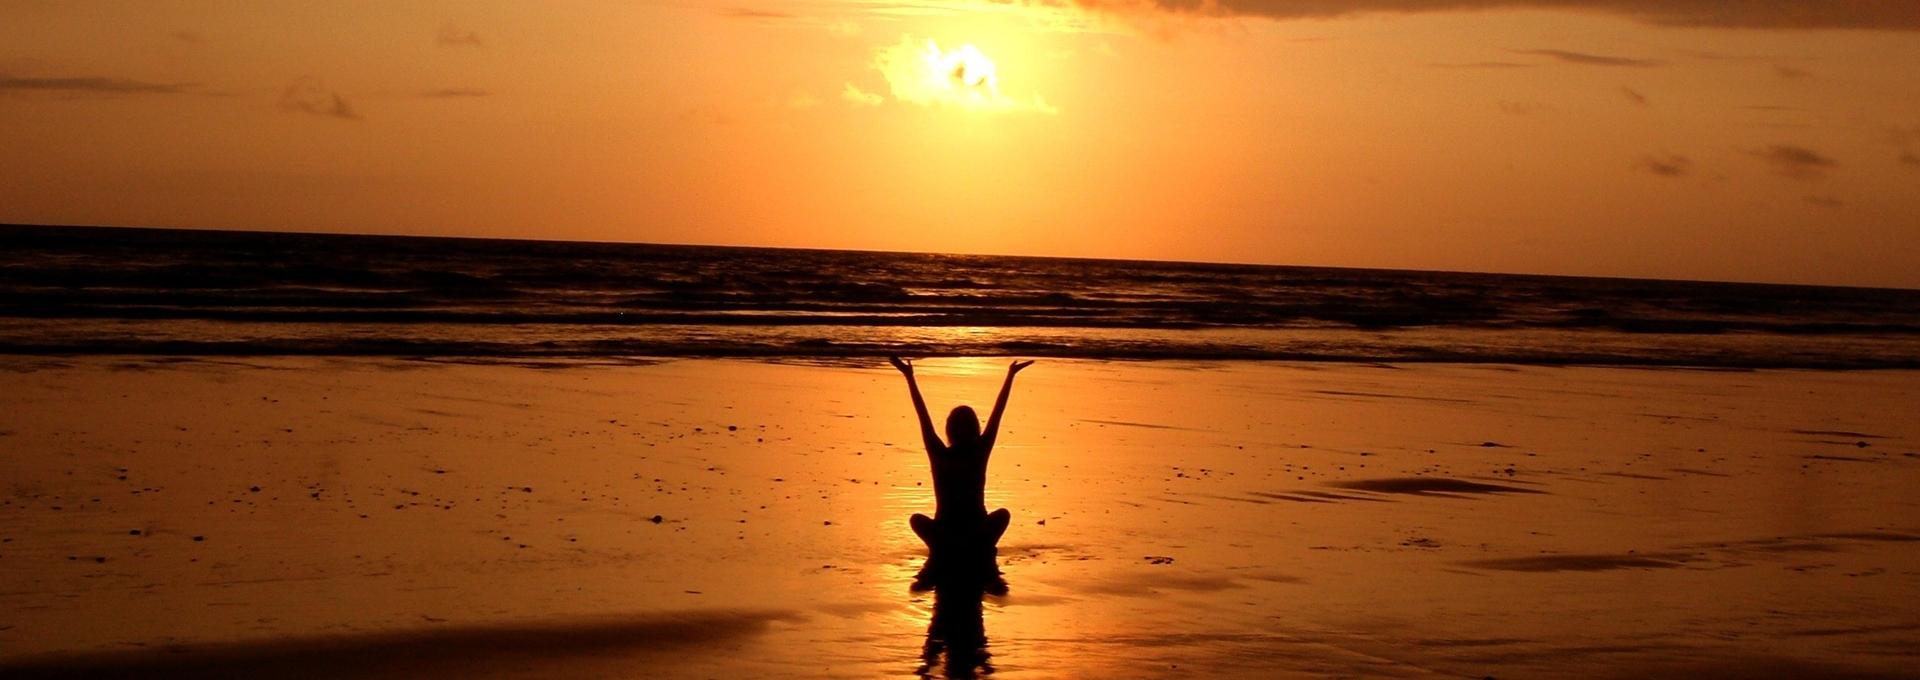 Практики для медитации: как проводить и какие выбрать